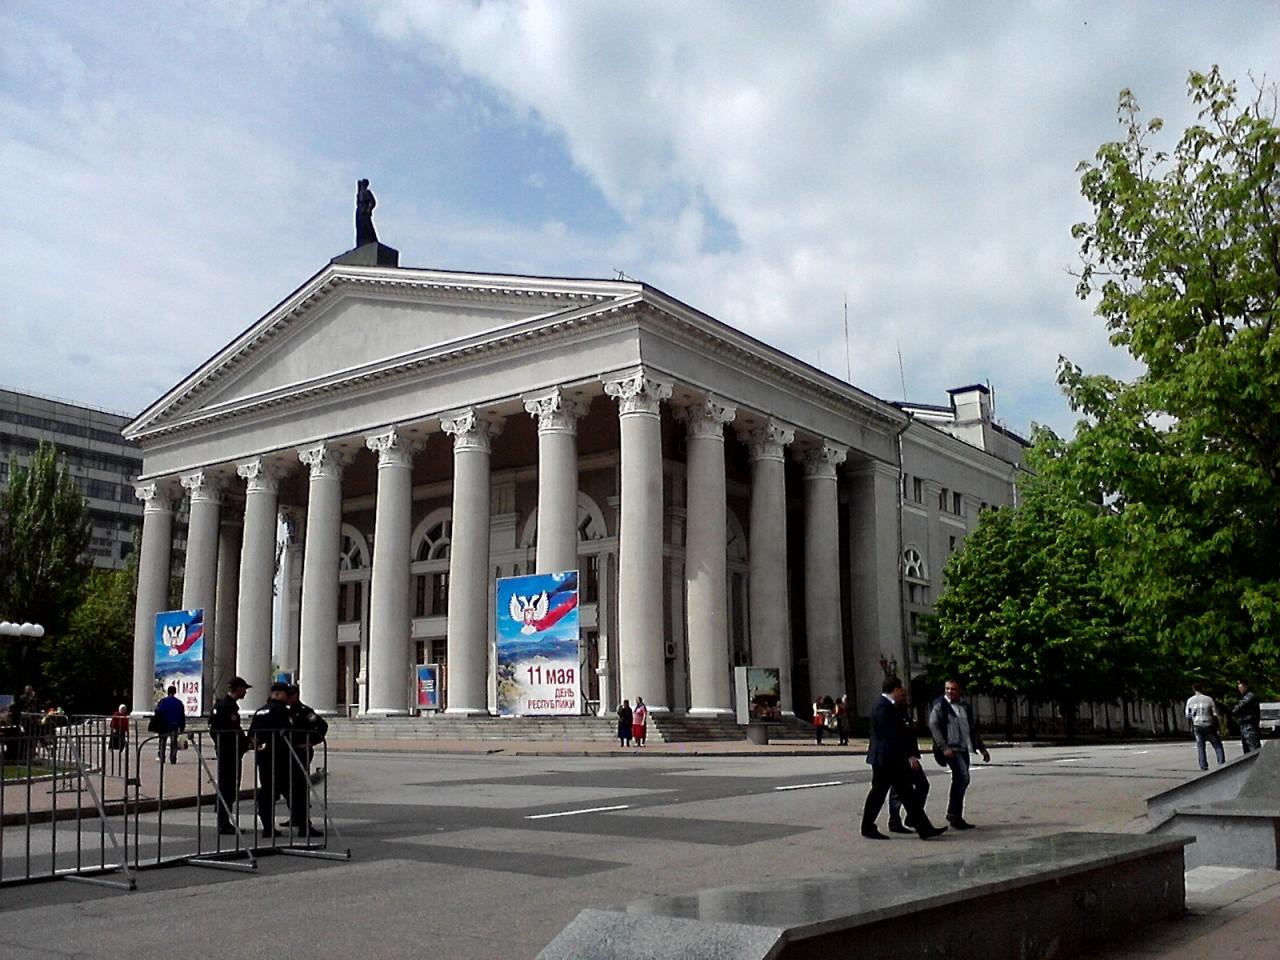 Донецк - оплата долгов в евро-украинском стиле и С ДНЕМ РОЖДЕНИЯ, ДОНЕЦК - ГОРОД-ГЕРОЙ! (ЮЗОВКА - СТАЛИНО - ДОНЕЦК)